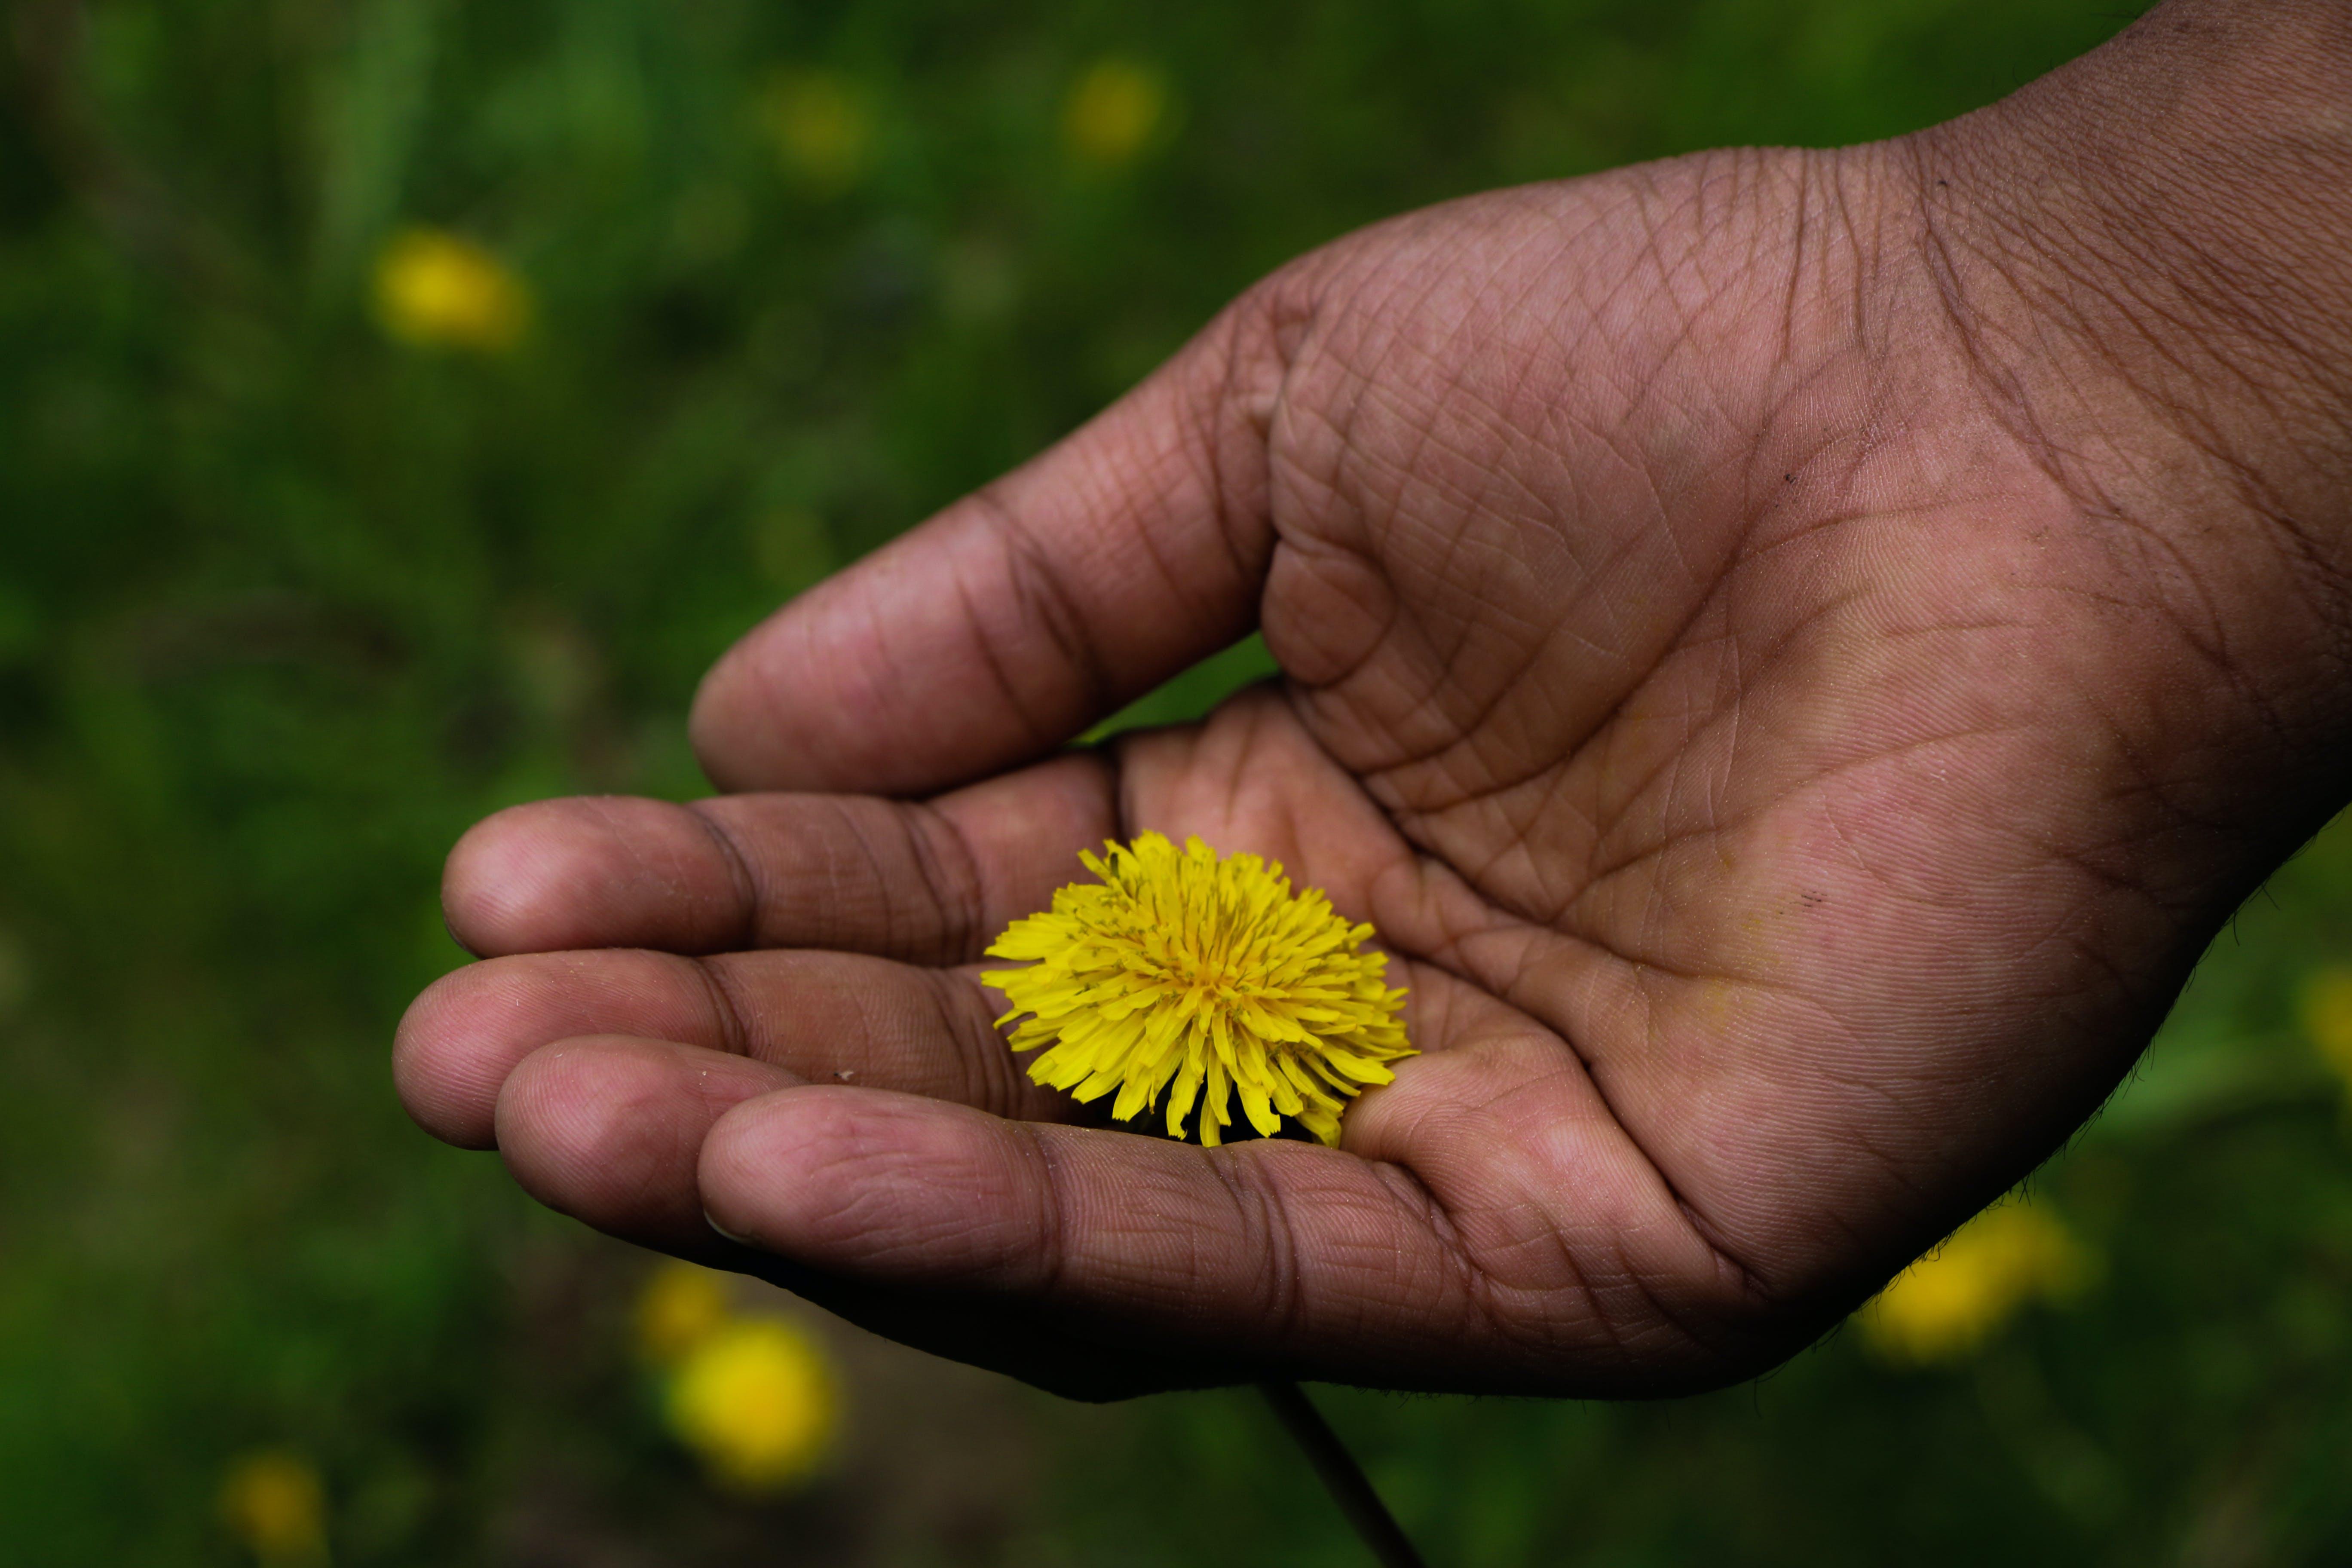 돌보다, 보호, 사랑, 손의 무료 스톡 사진